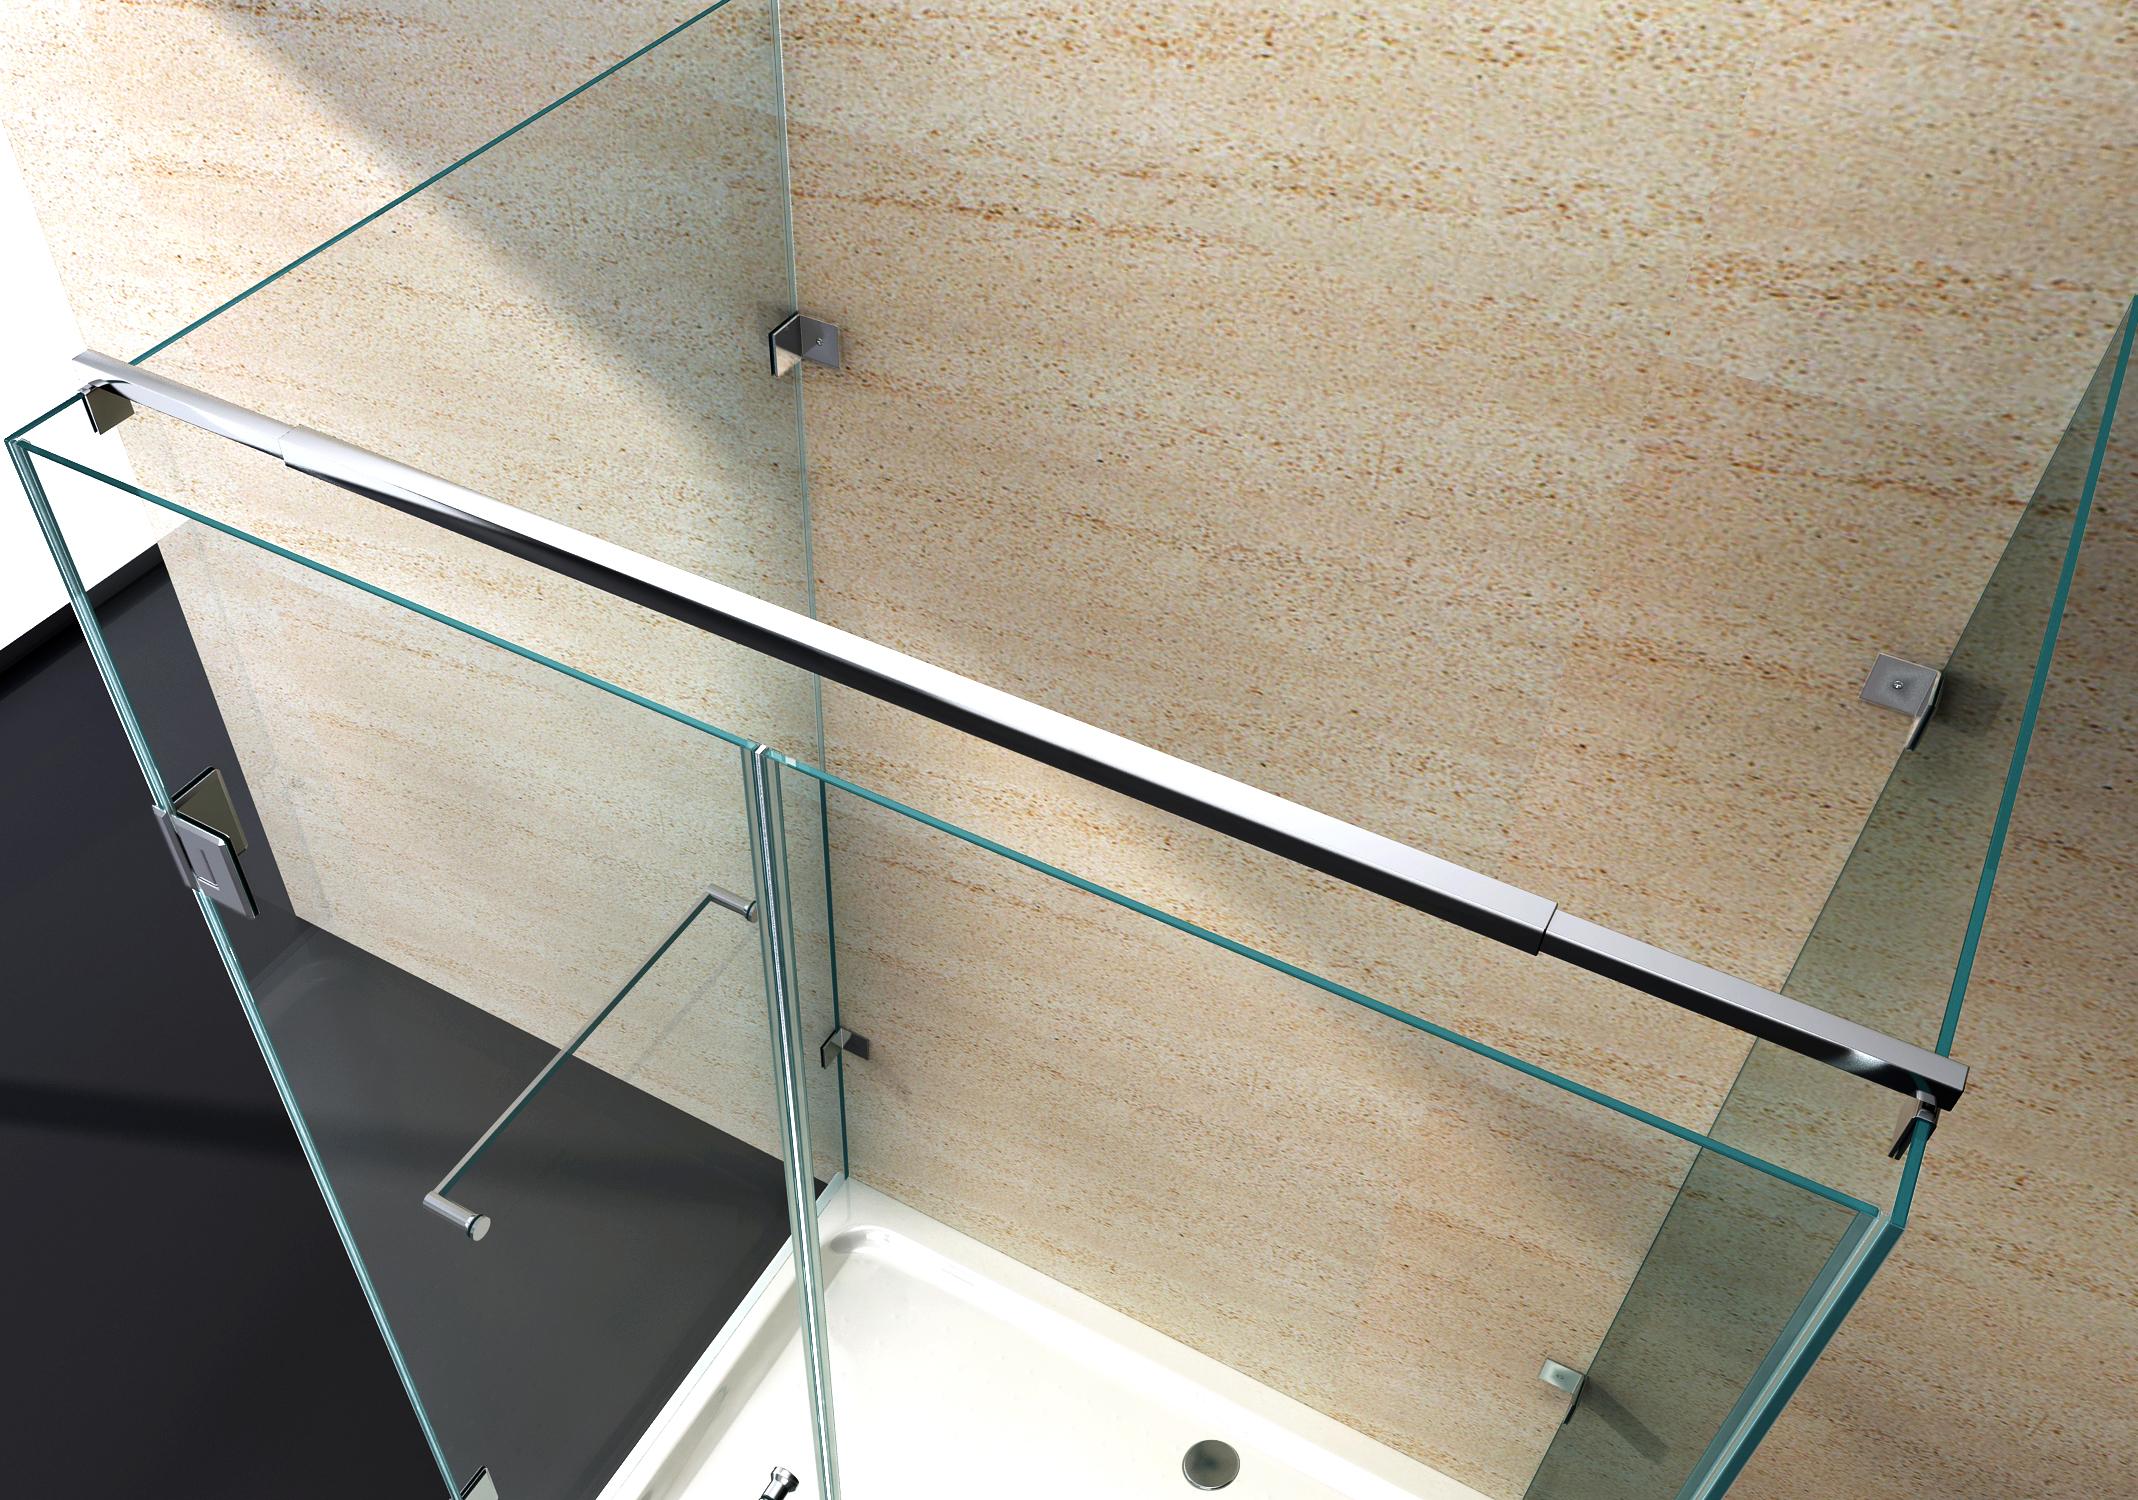 duschkabine u form duschabtrennung sicherheitsglas 8mm esg glas echtglas nano ebay. Black Bedroom Furniture Sets. Home Design Ideas